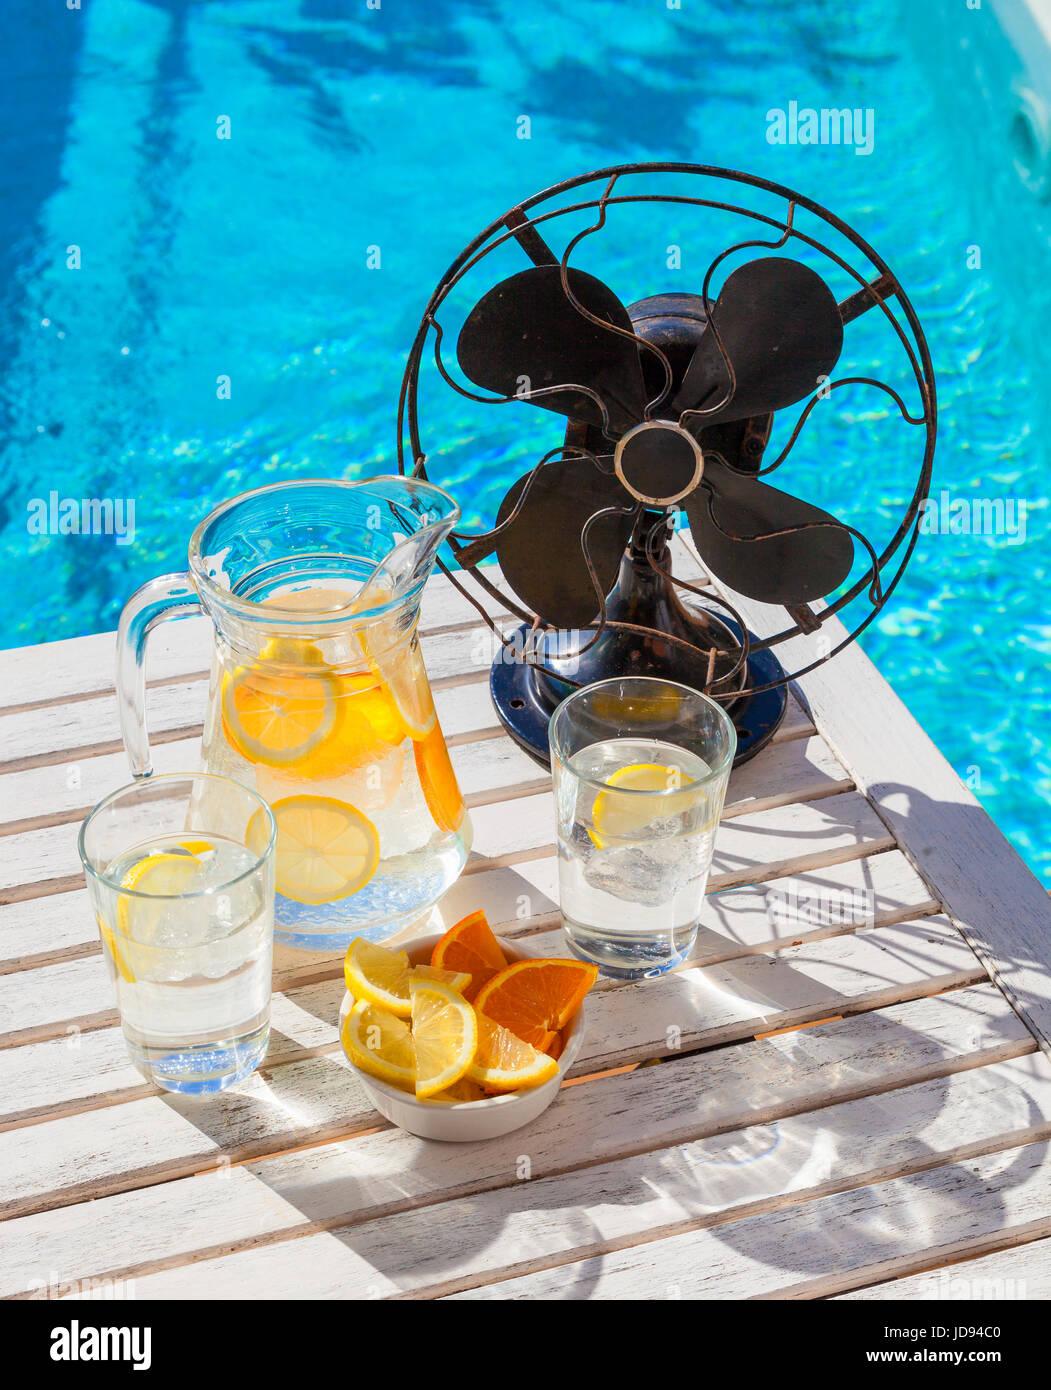 Agua Refrescante Con Hielo Limon Y Naranja Y Un Ventilador Vintage